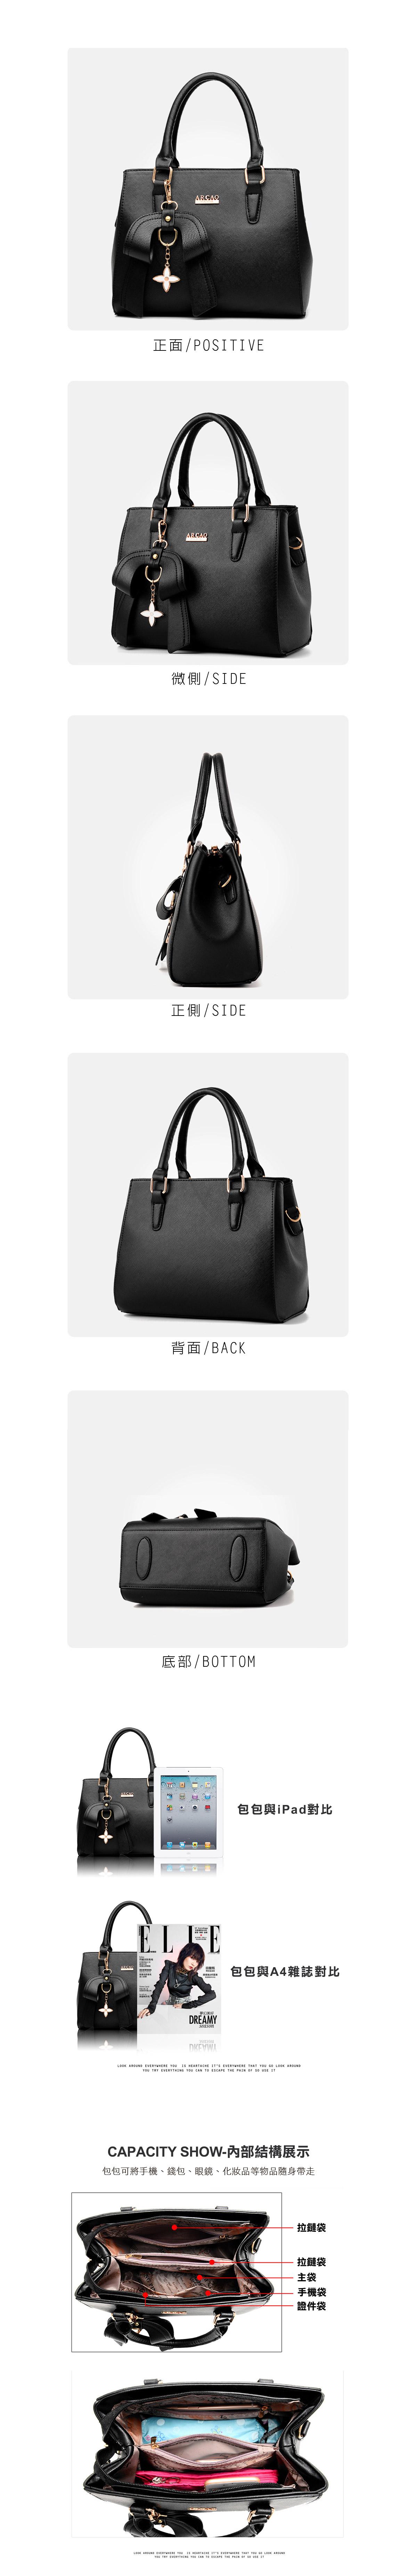 韓版時尚立體甜美單肩手提包,細節展示圖,前面後面背面,都可以仔細看清楚